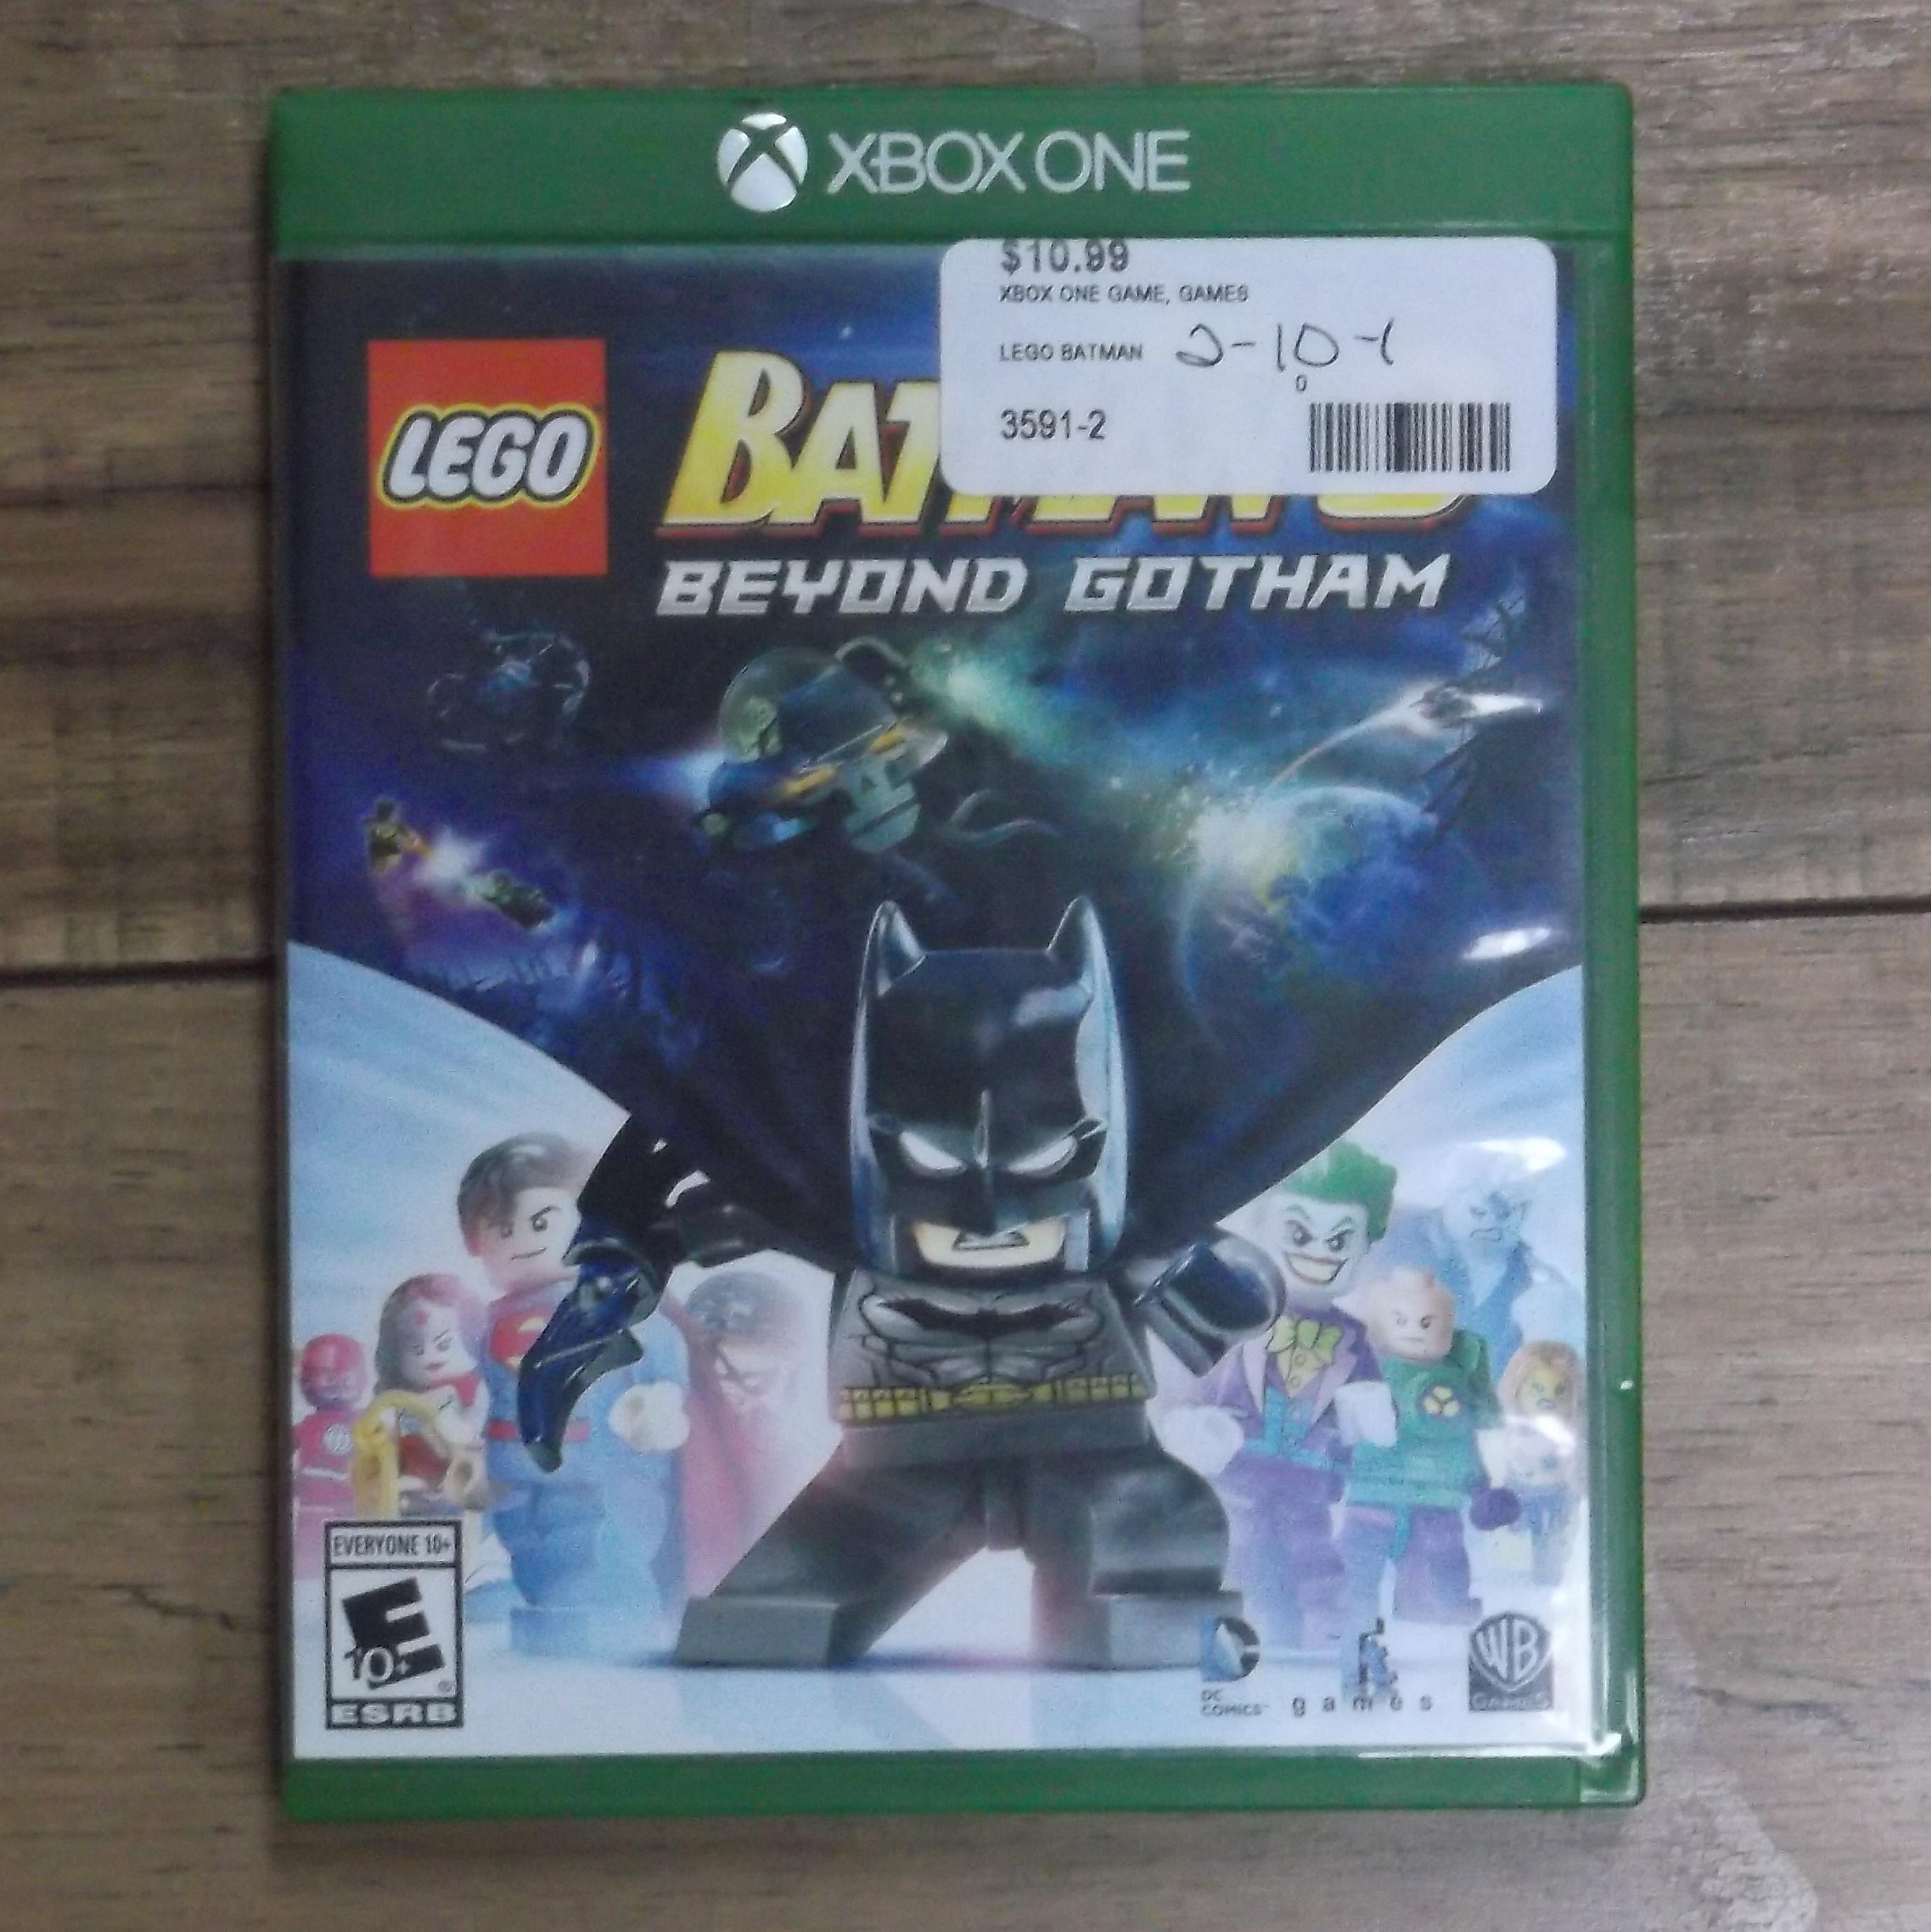 LEGO: The Batman - Beyond Gotham - Xbox One